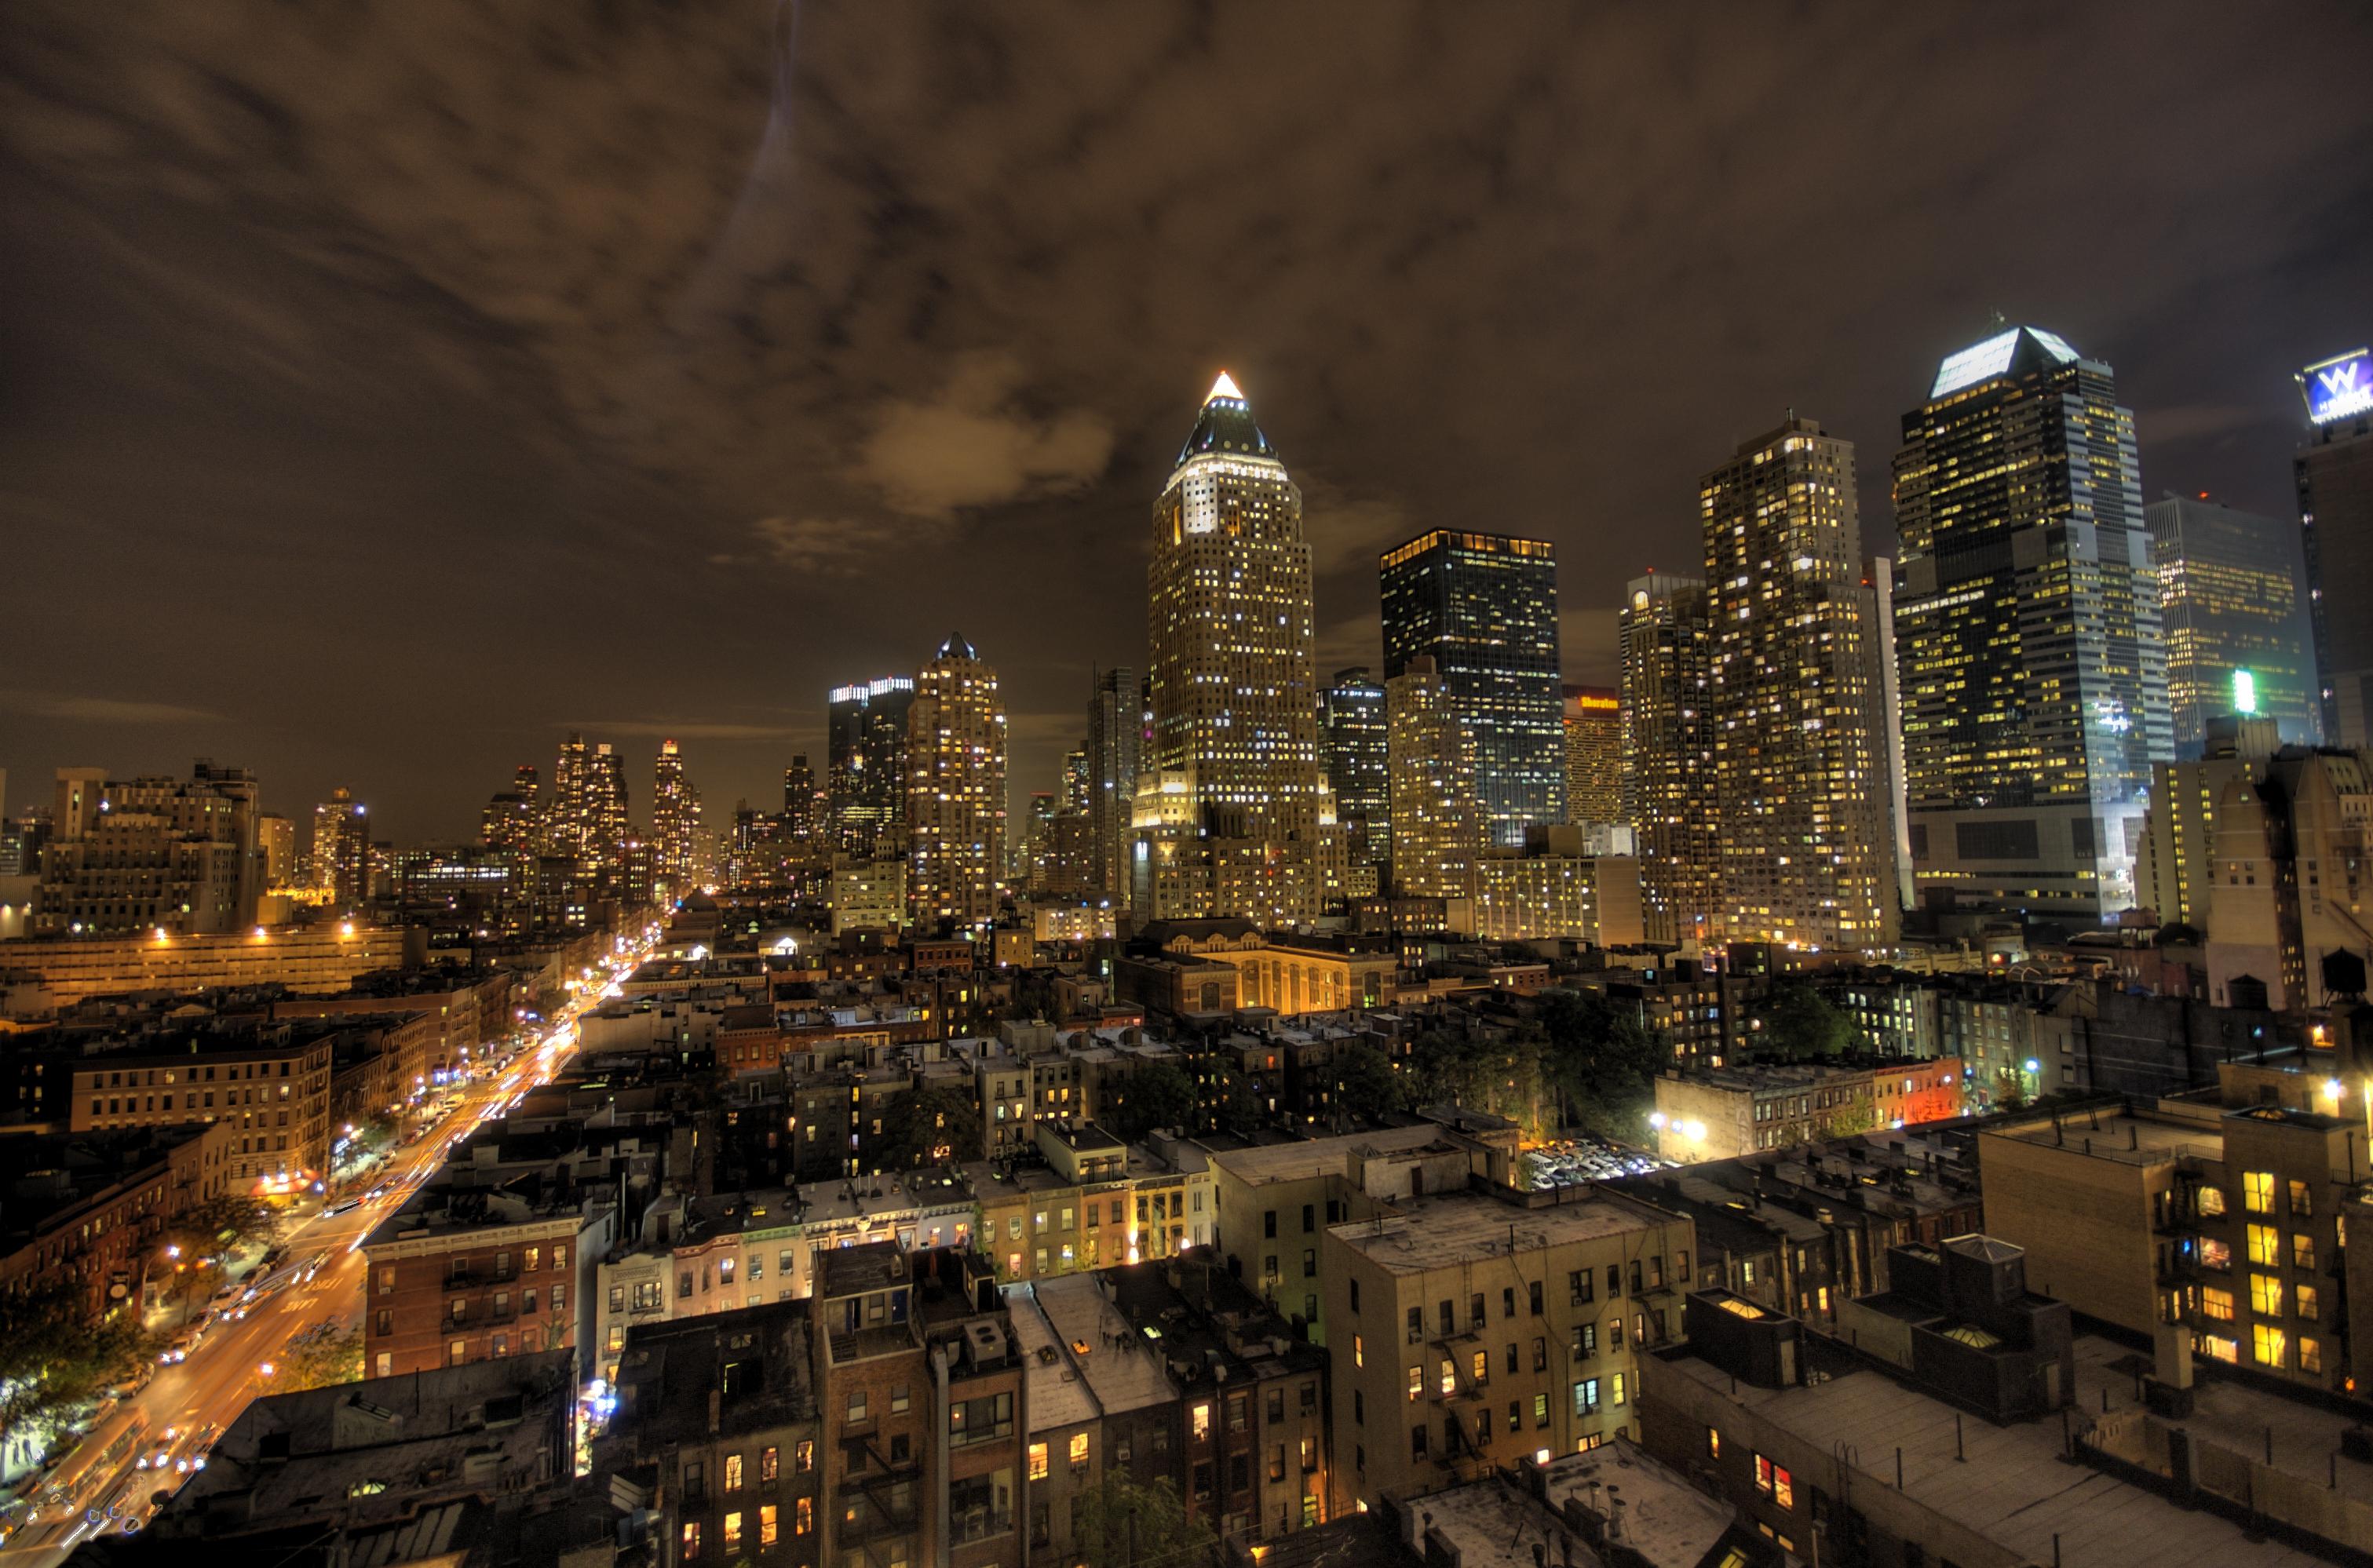 Фотографии городов картинки